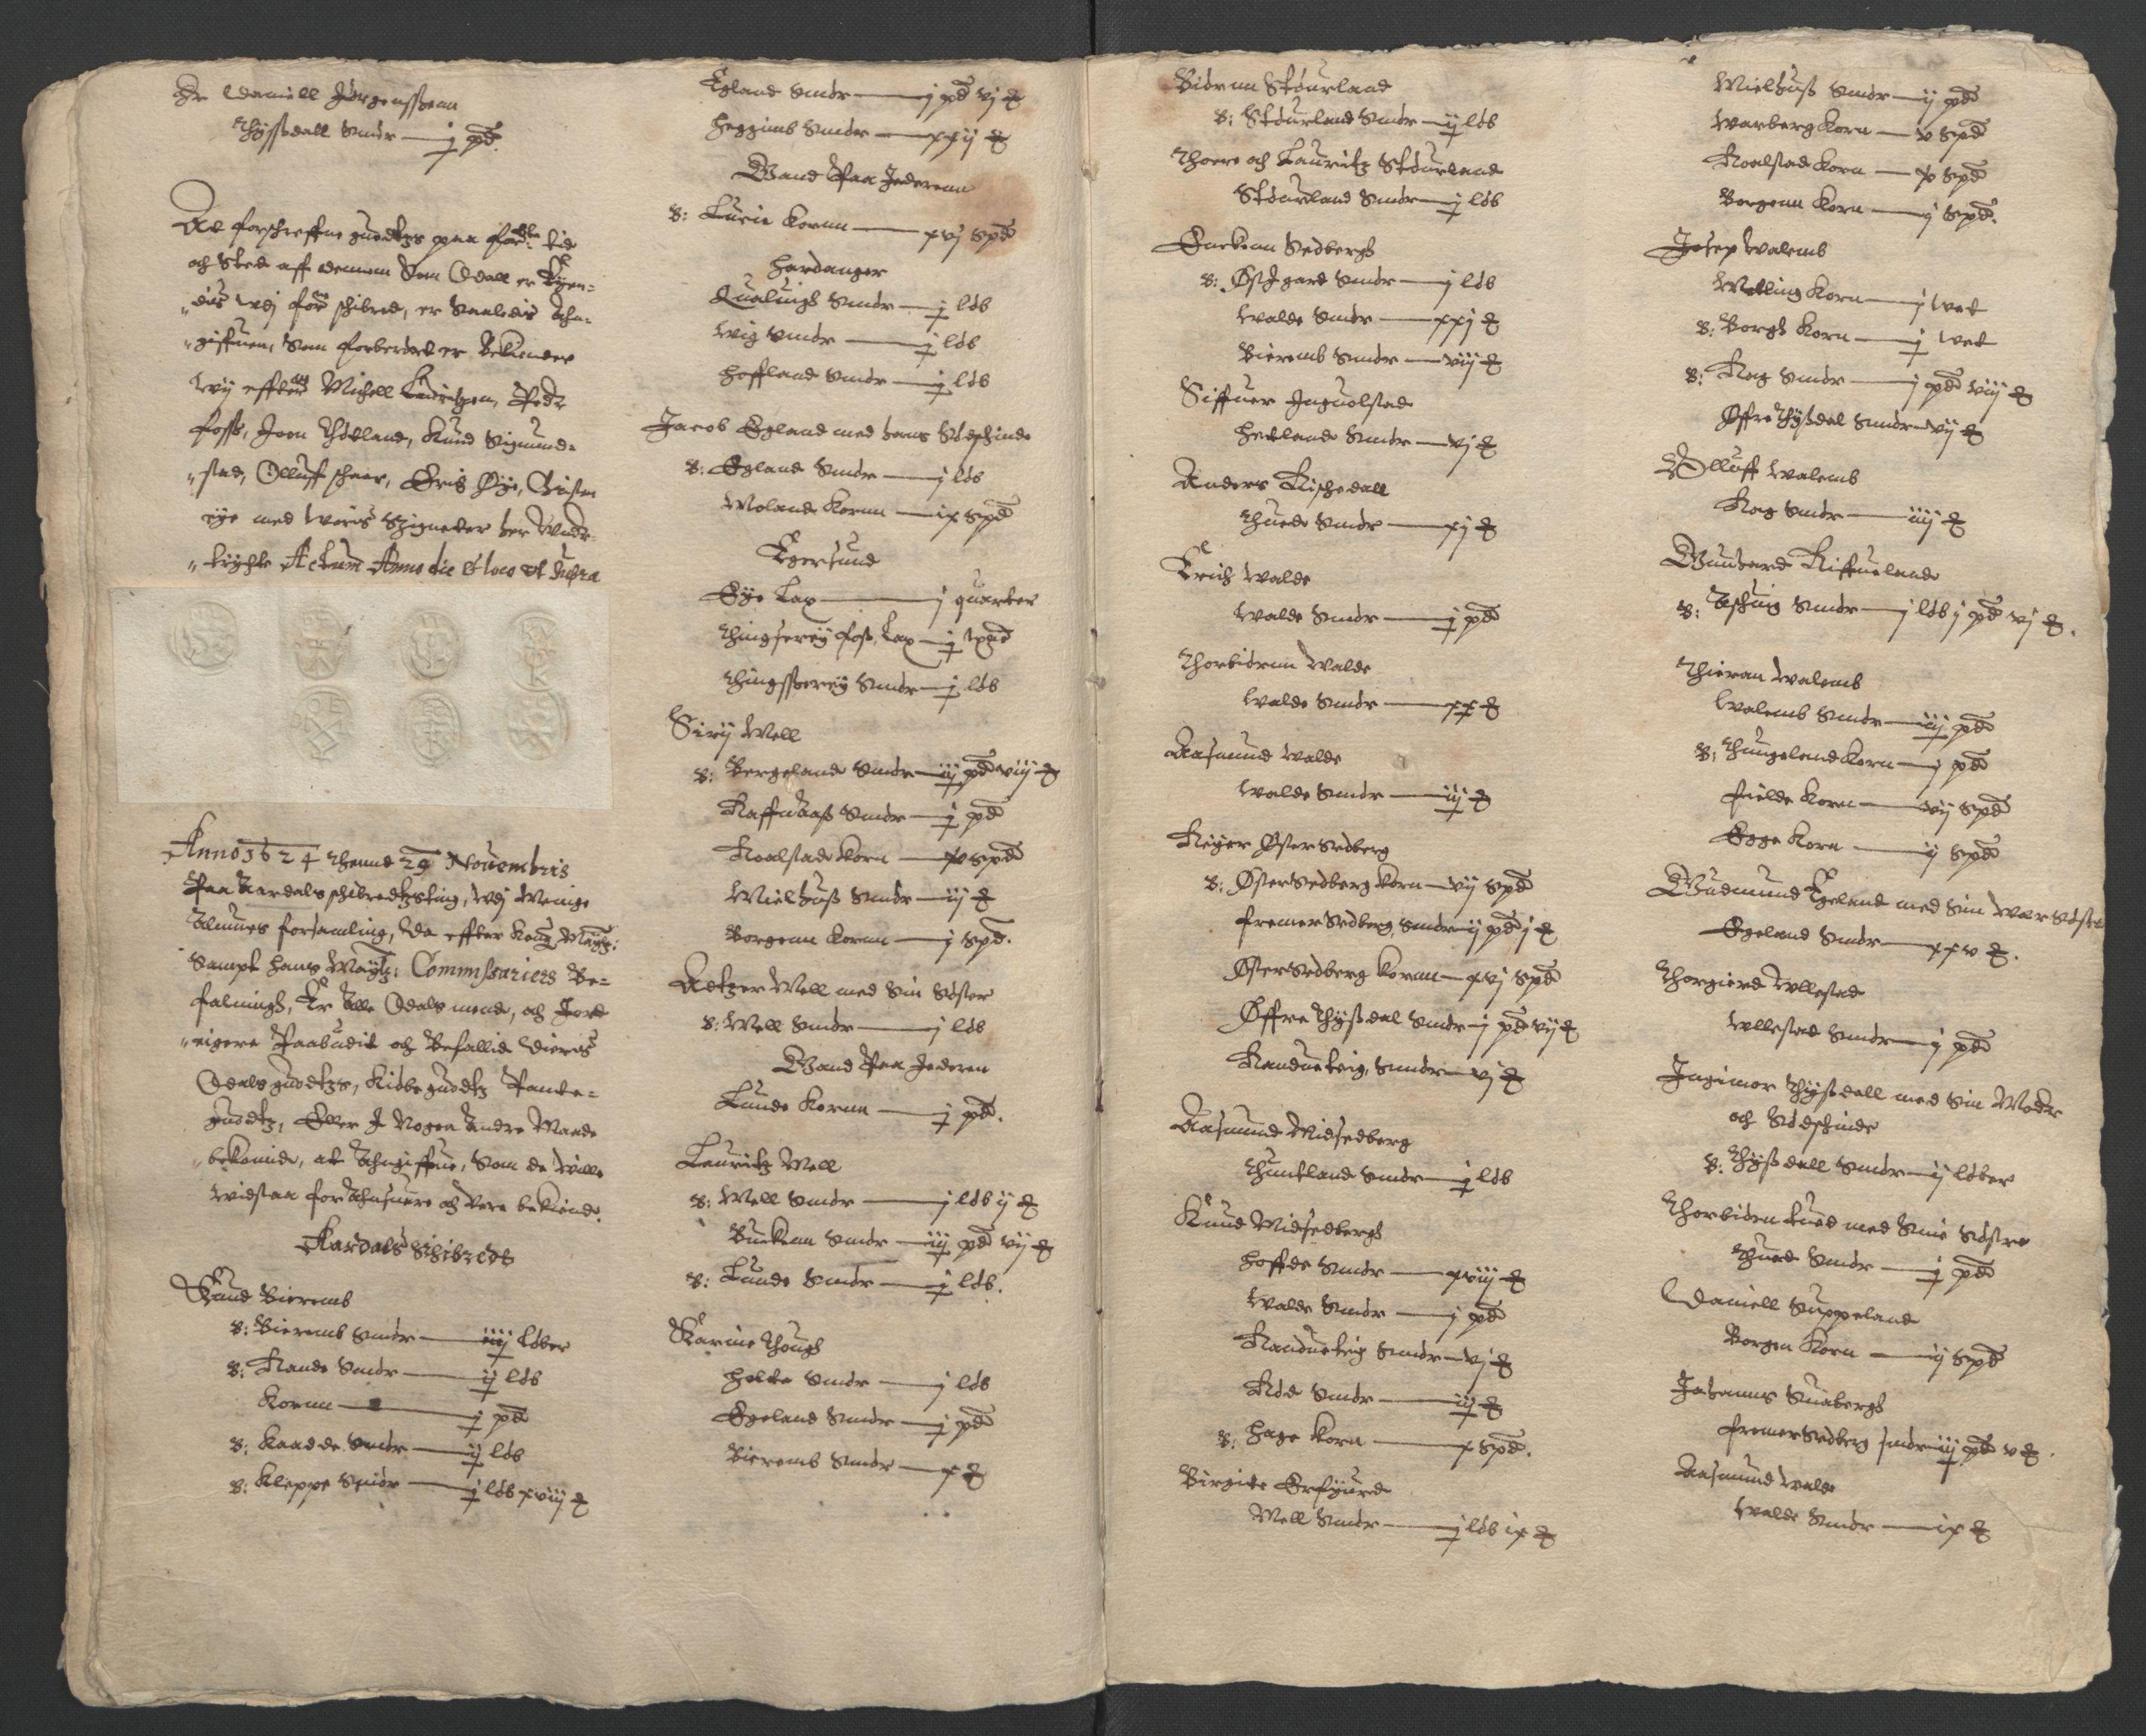 RA, Stattholderembetet 1572-1771, Ek/L0010: Jordebøker til utlikning av rosstjeneste 1624-1626:, 1624-1626, s. 26